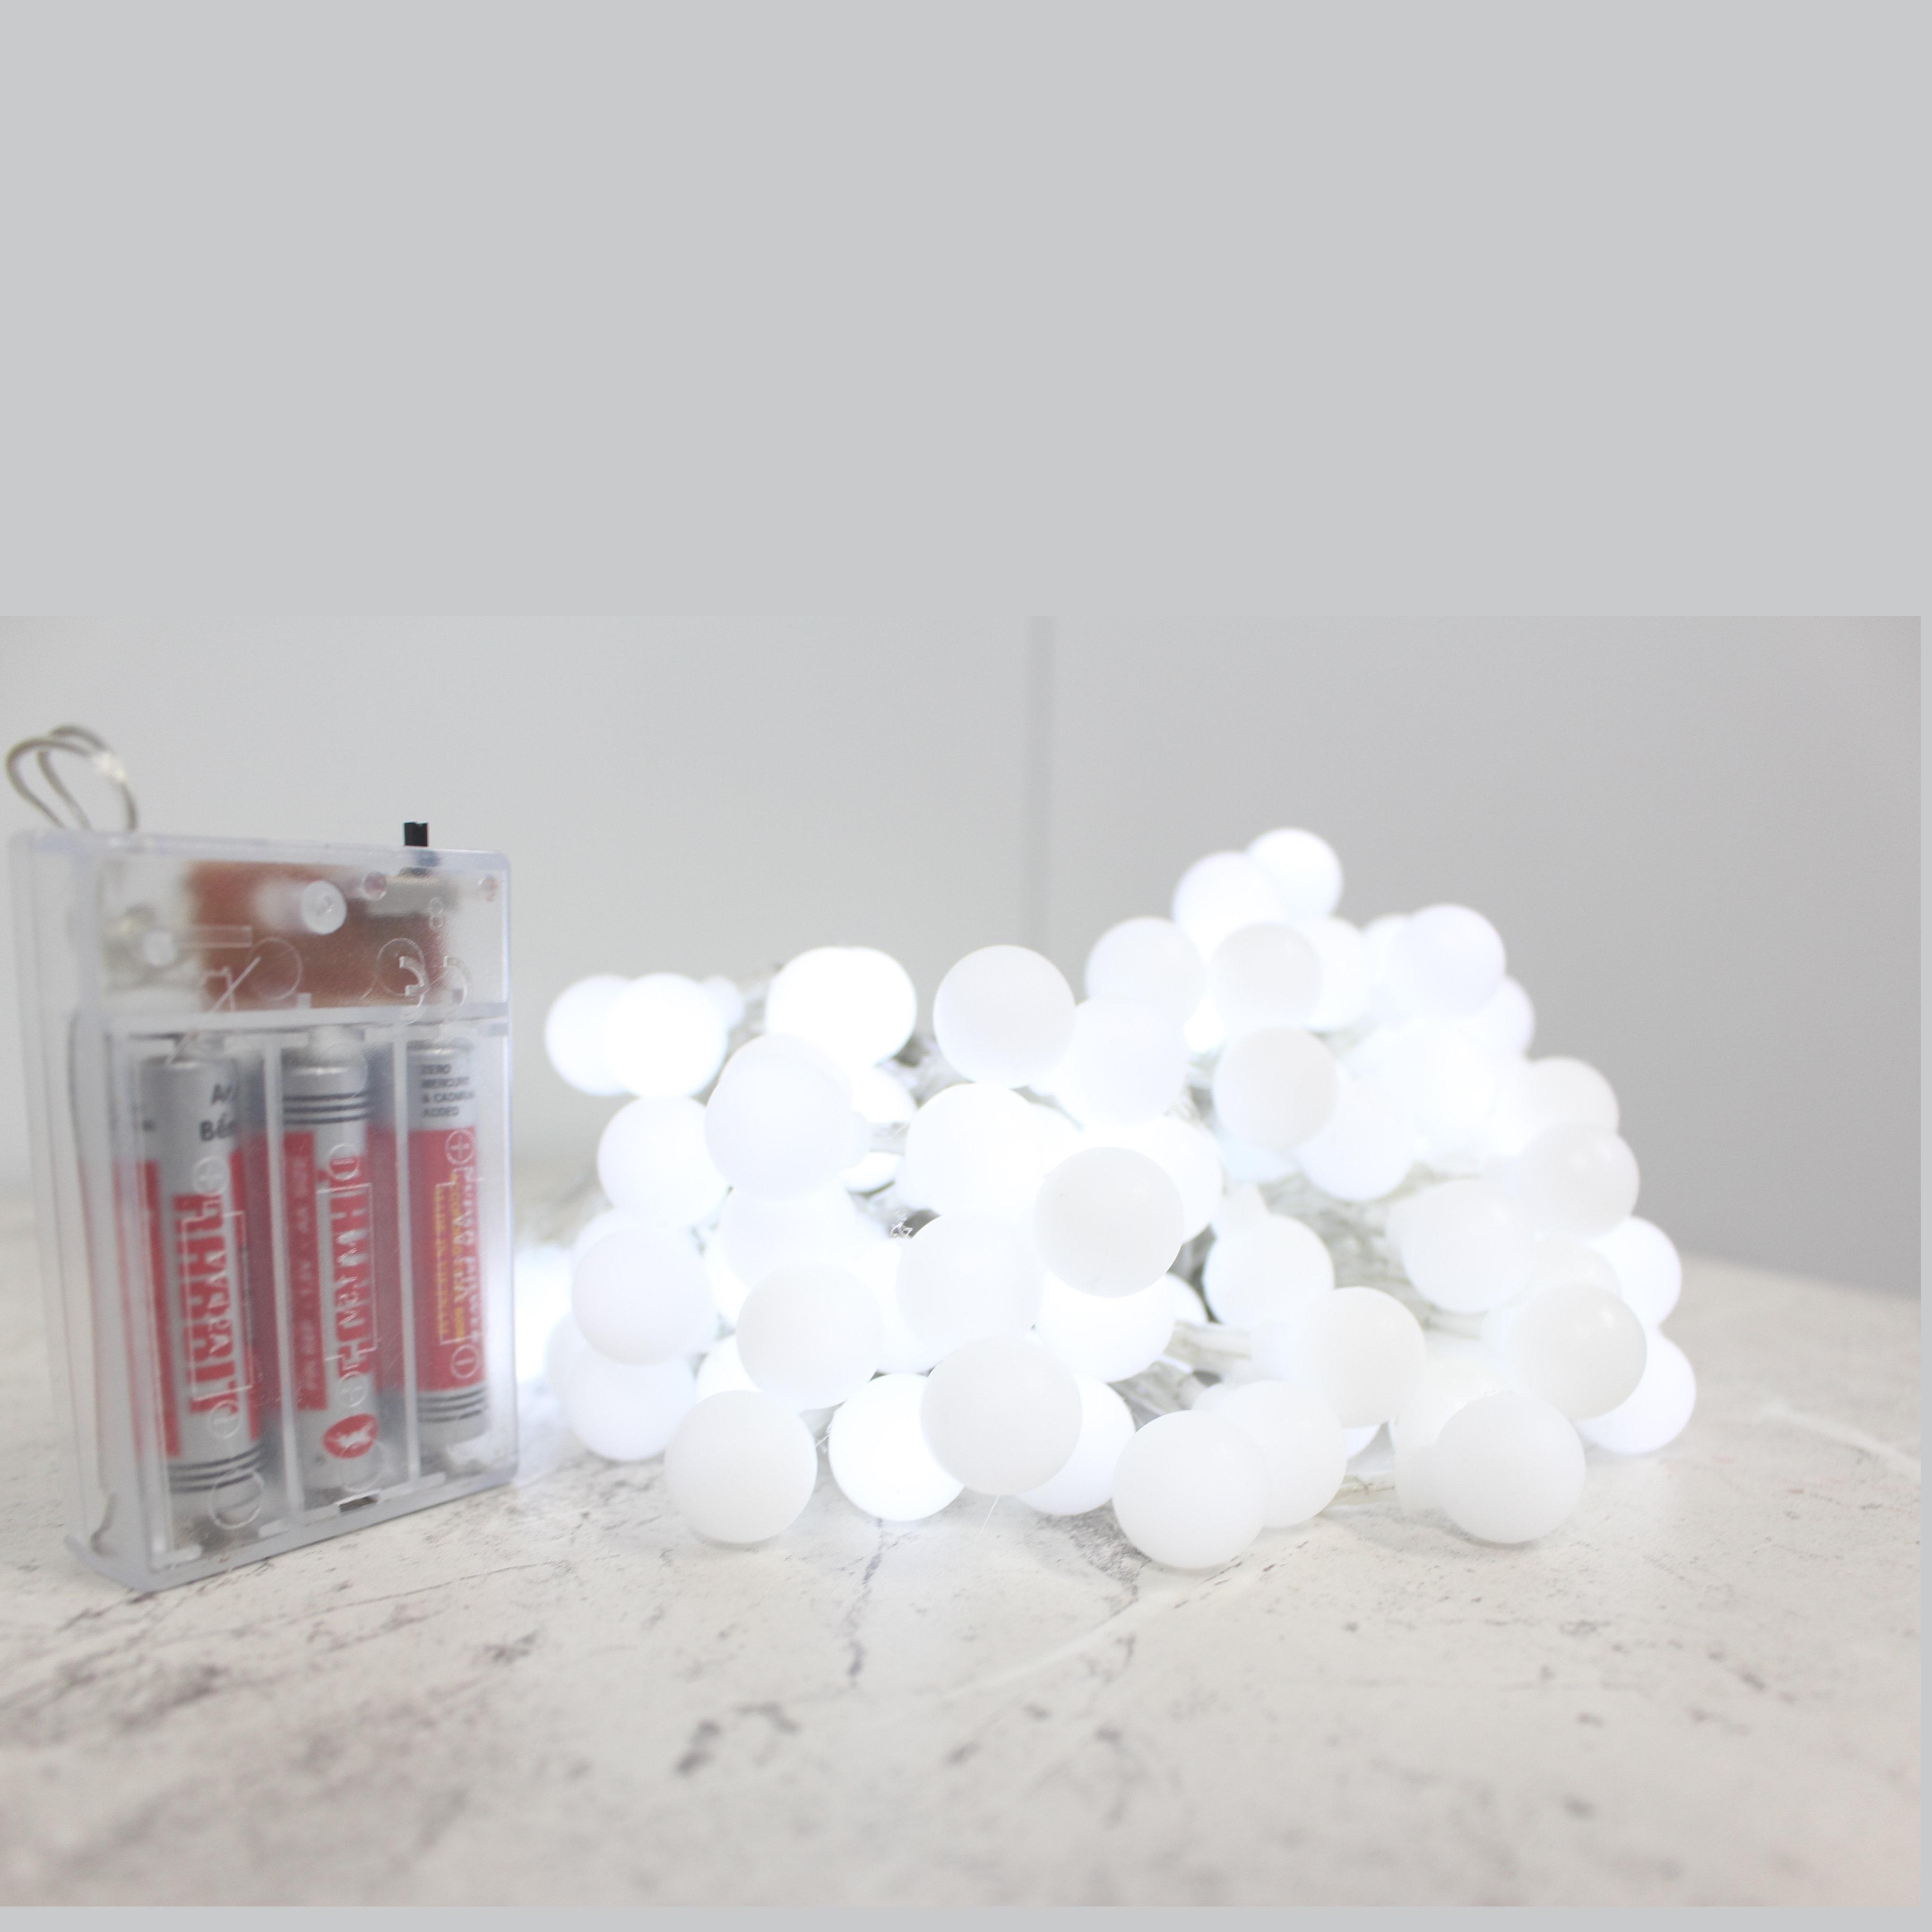 Đèn dây led màu sắc lạ mắt, hình bóng tròn chạy bằng pin AA dùng trang trí độc đáo, party, lễ tết mang cảm giác lãng mạn HT806 (Bộ 3)